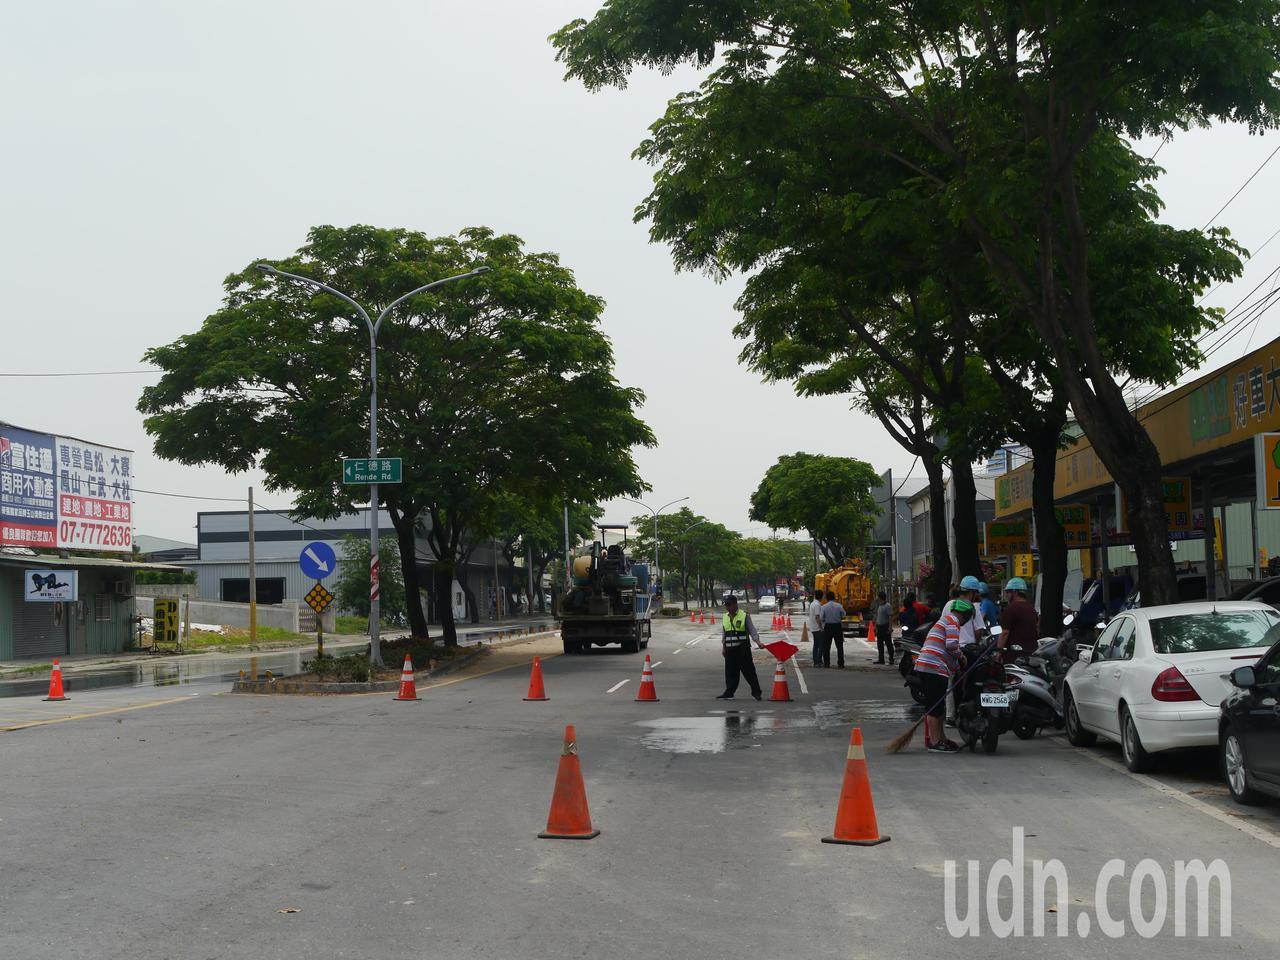 高雄鳥松區神農路仁德路段單向封閉,須待水公司開挖修復管線。記者徐白櫻/攝影